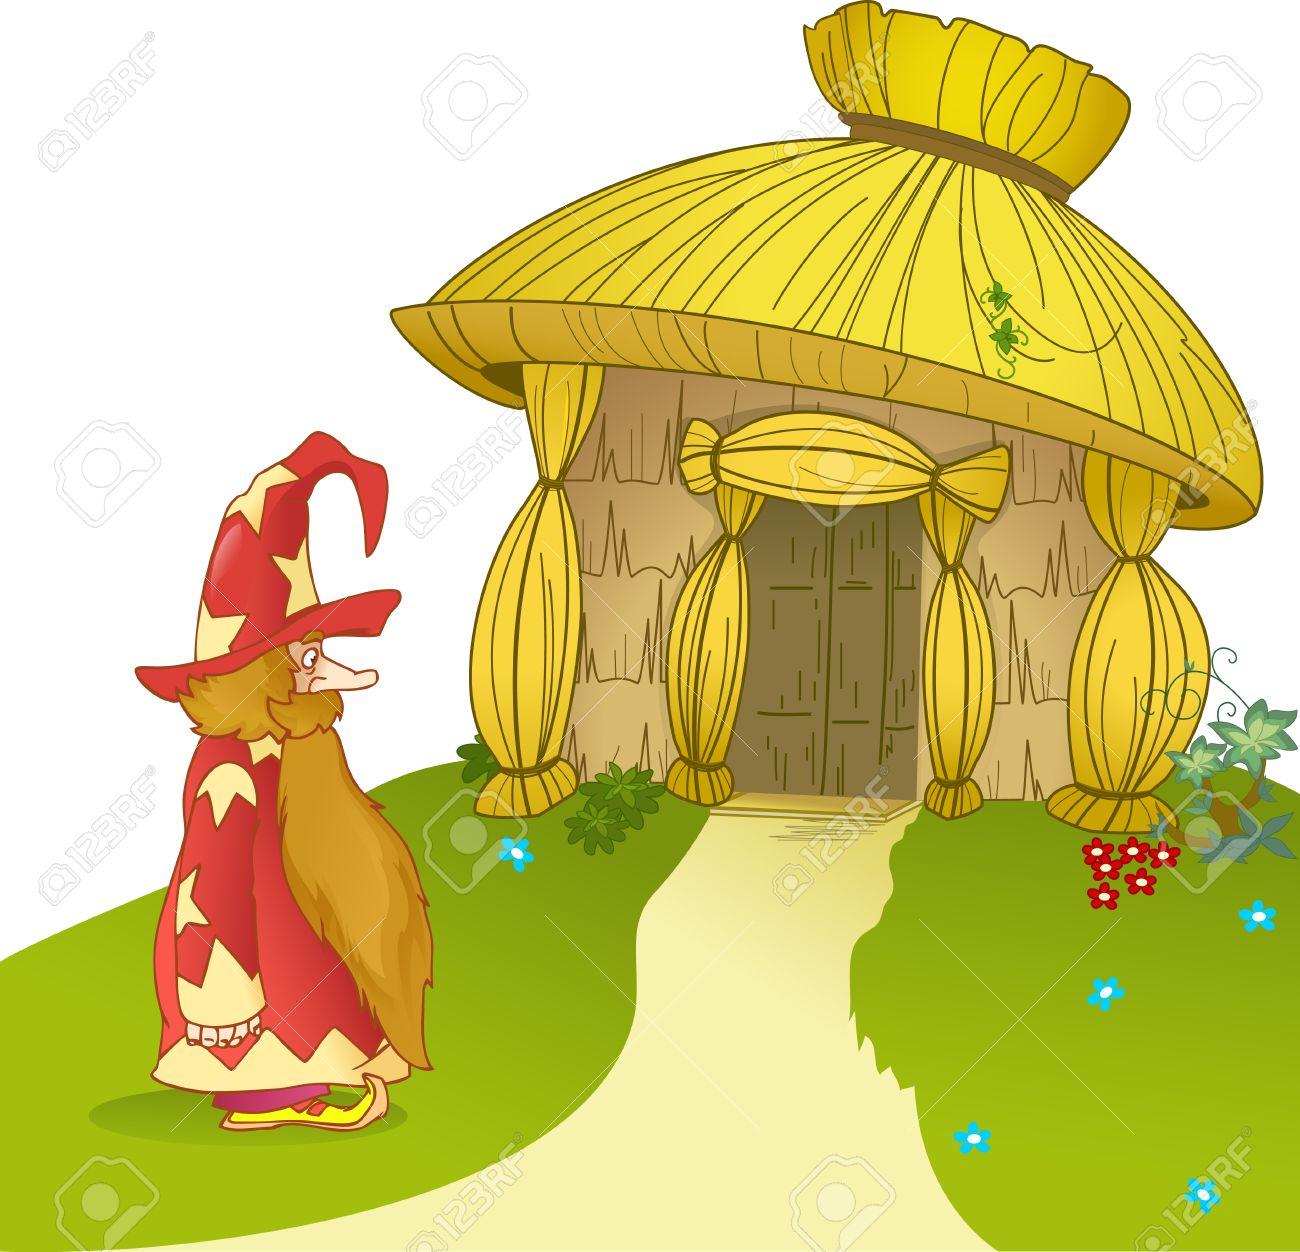 Lillustration montre fabuleuse maison de paille et de bande dessinée drôle gnome illustration peut être un fond de jeu pour représenter les caractères de